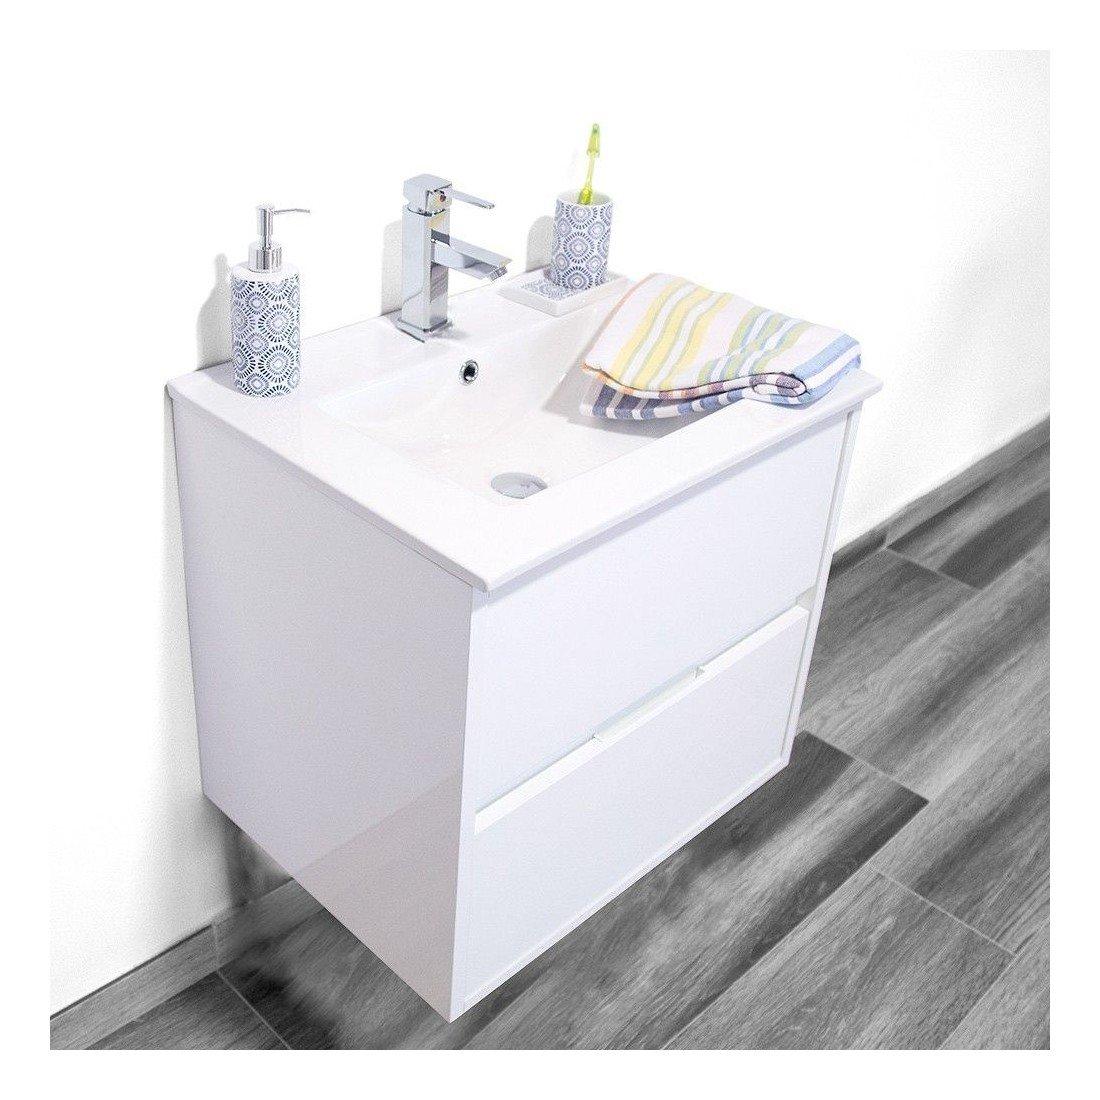 Mueble de ba o noha lacado con lavabo sobre mueble for Oferta mueble lavabo